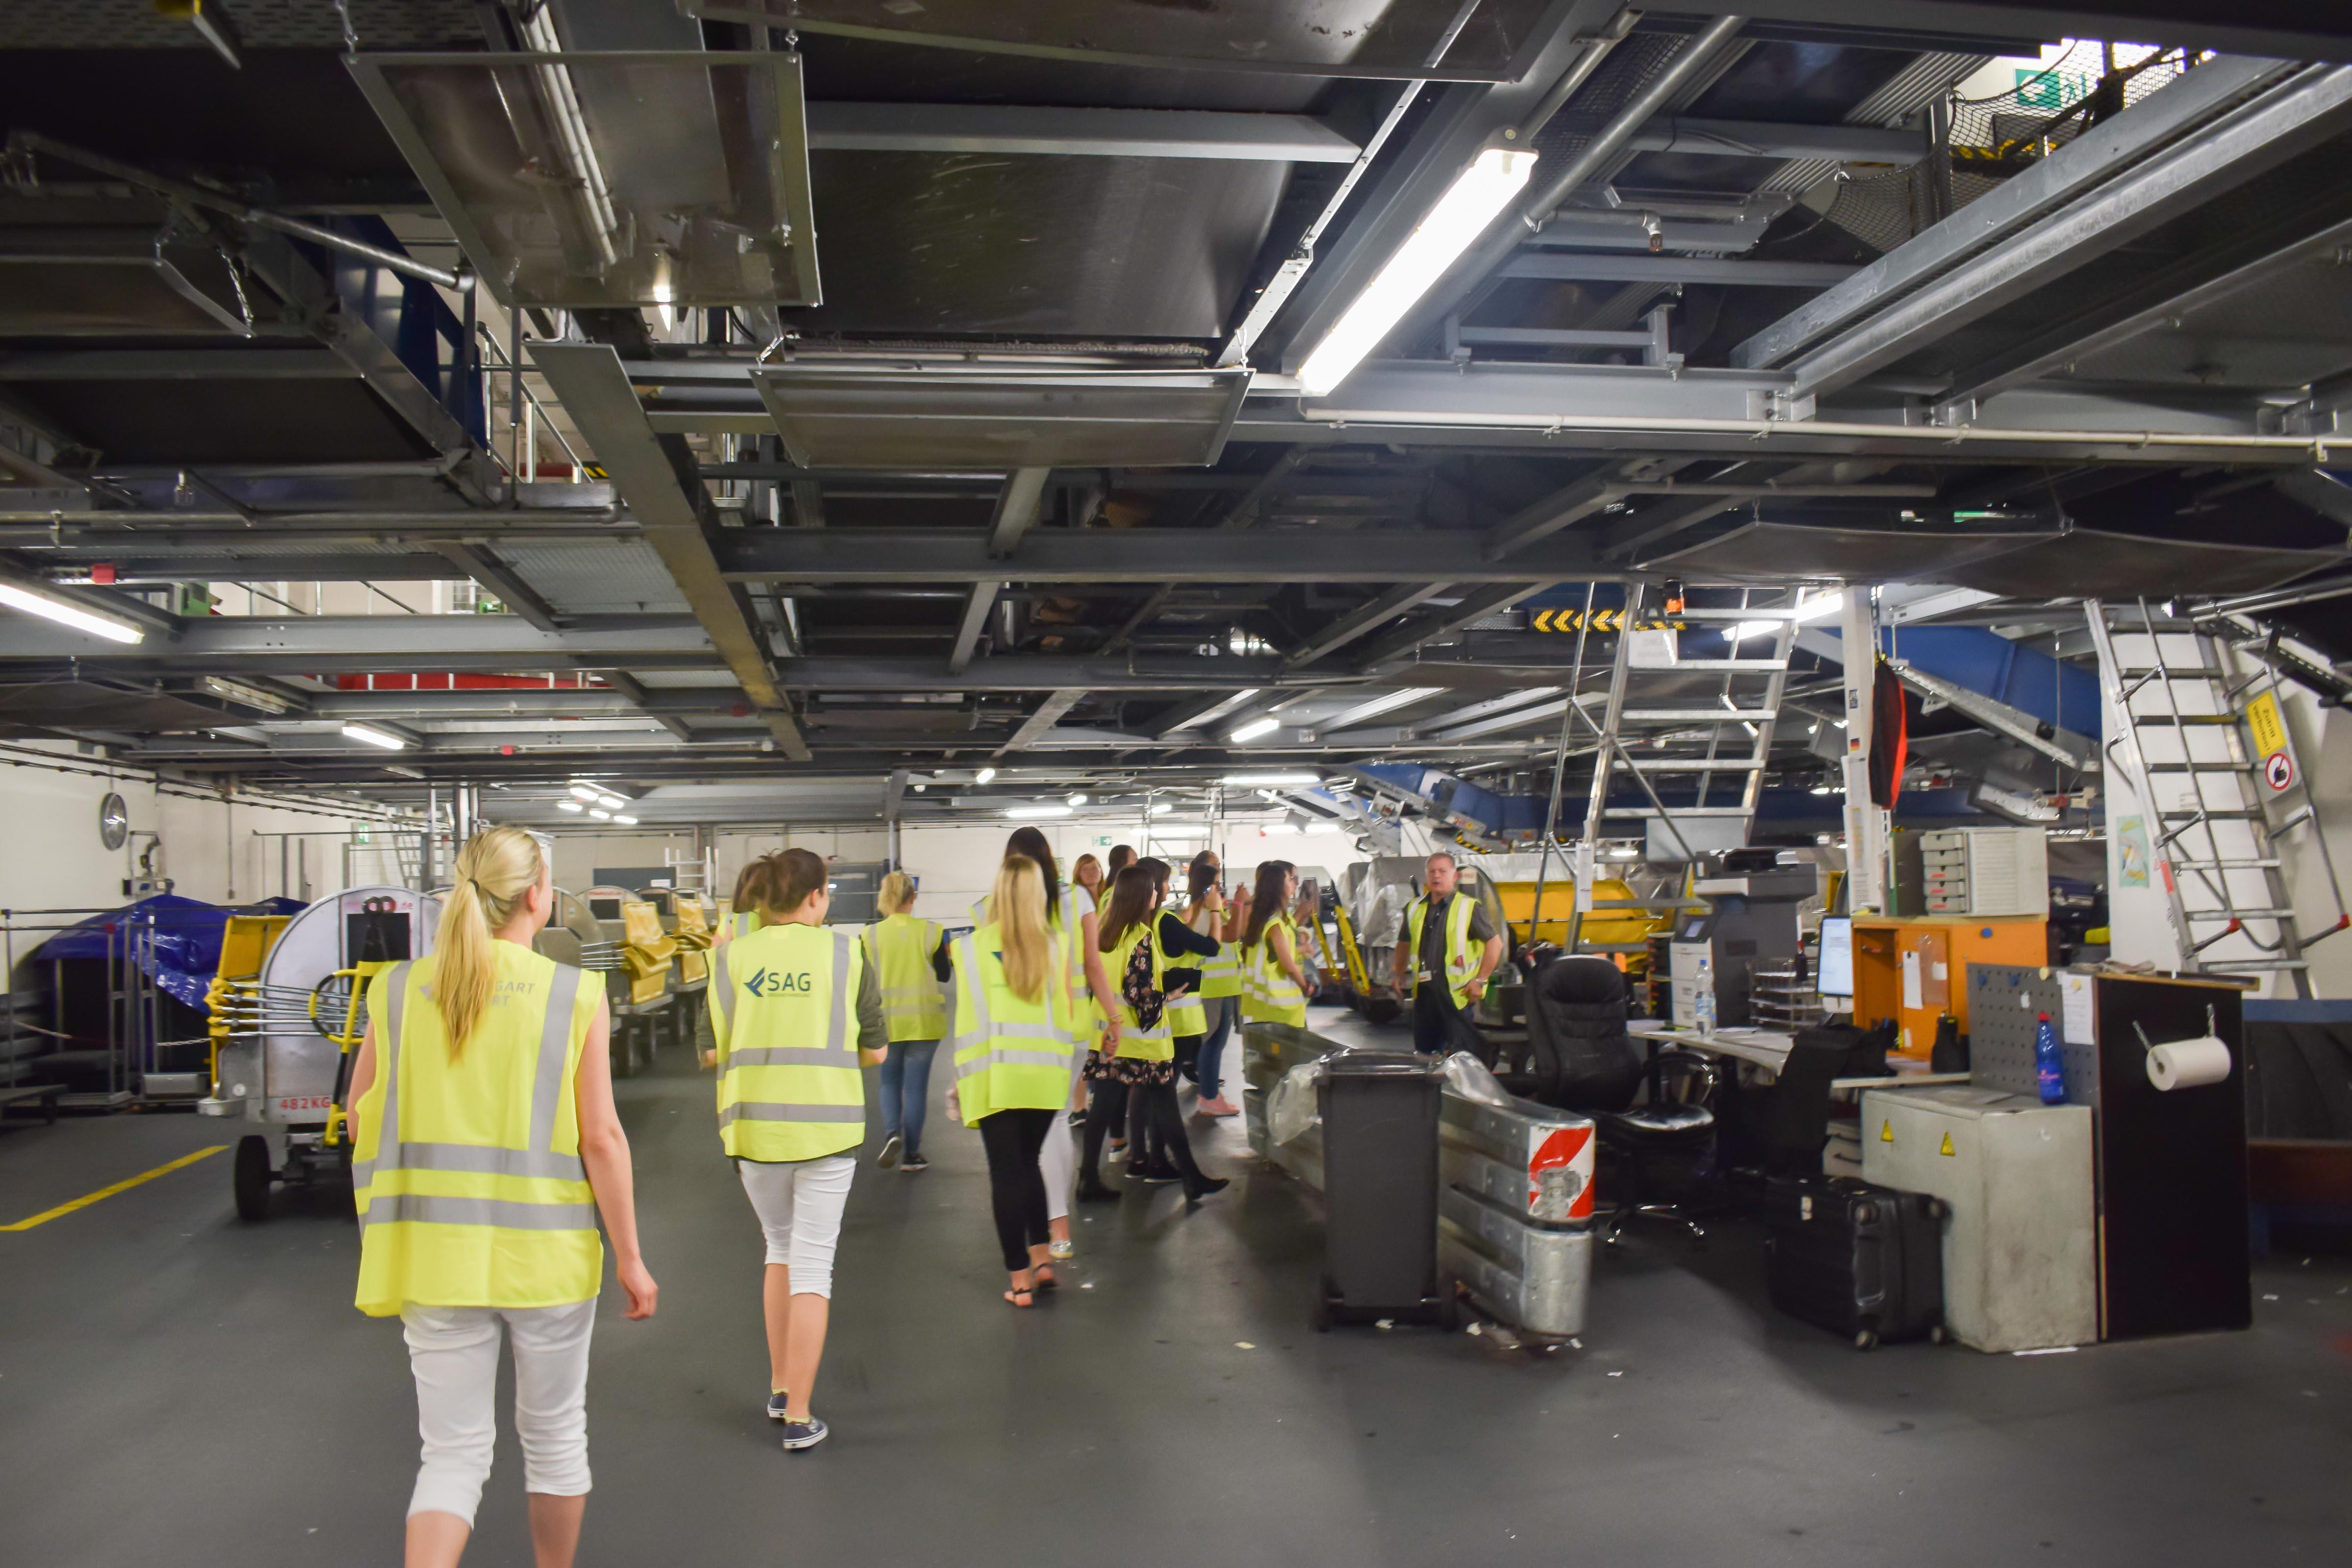 Die Gepäckabfertigung im Stuttgarter Flughafen, ein komplexes System